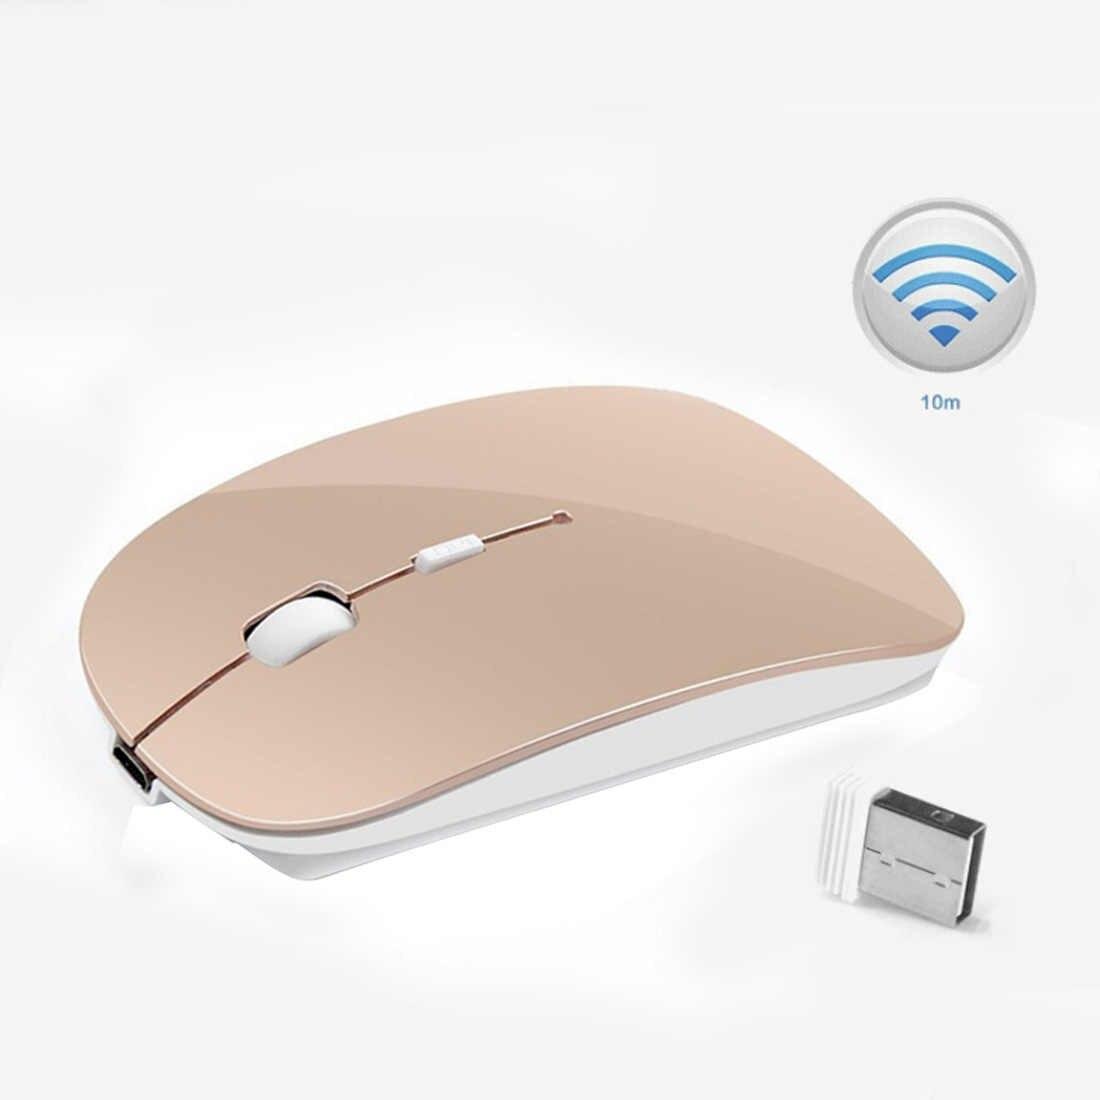 Ratón ergonómico 2,4 Ghz ratón óptico USB para ordenador portátil PC ratón silencioso PC 2400 ppp